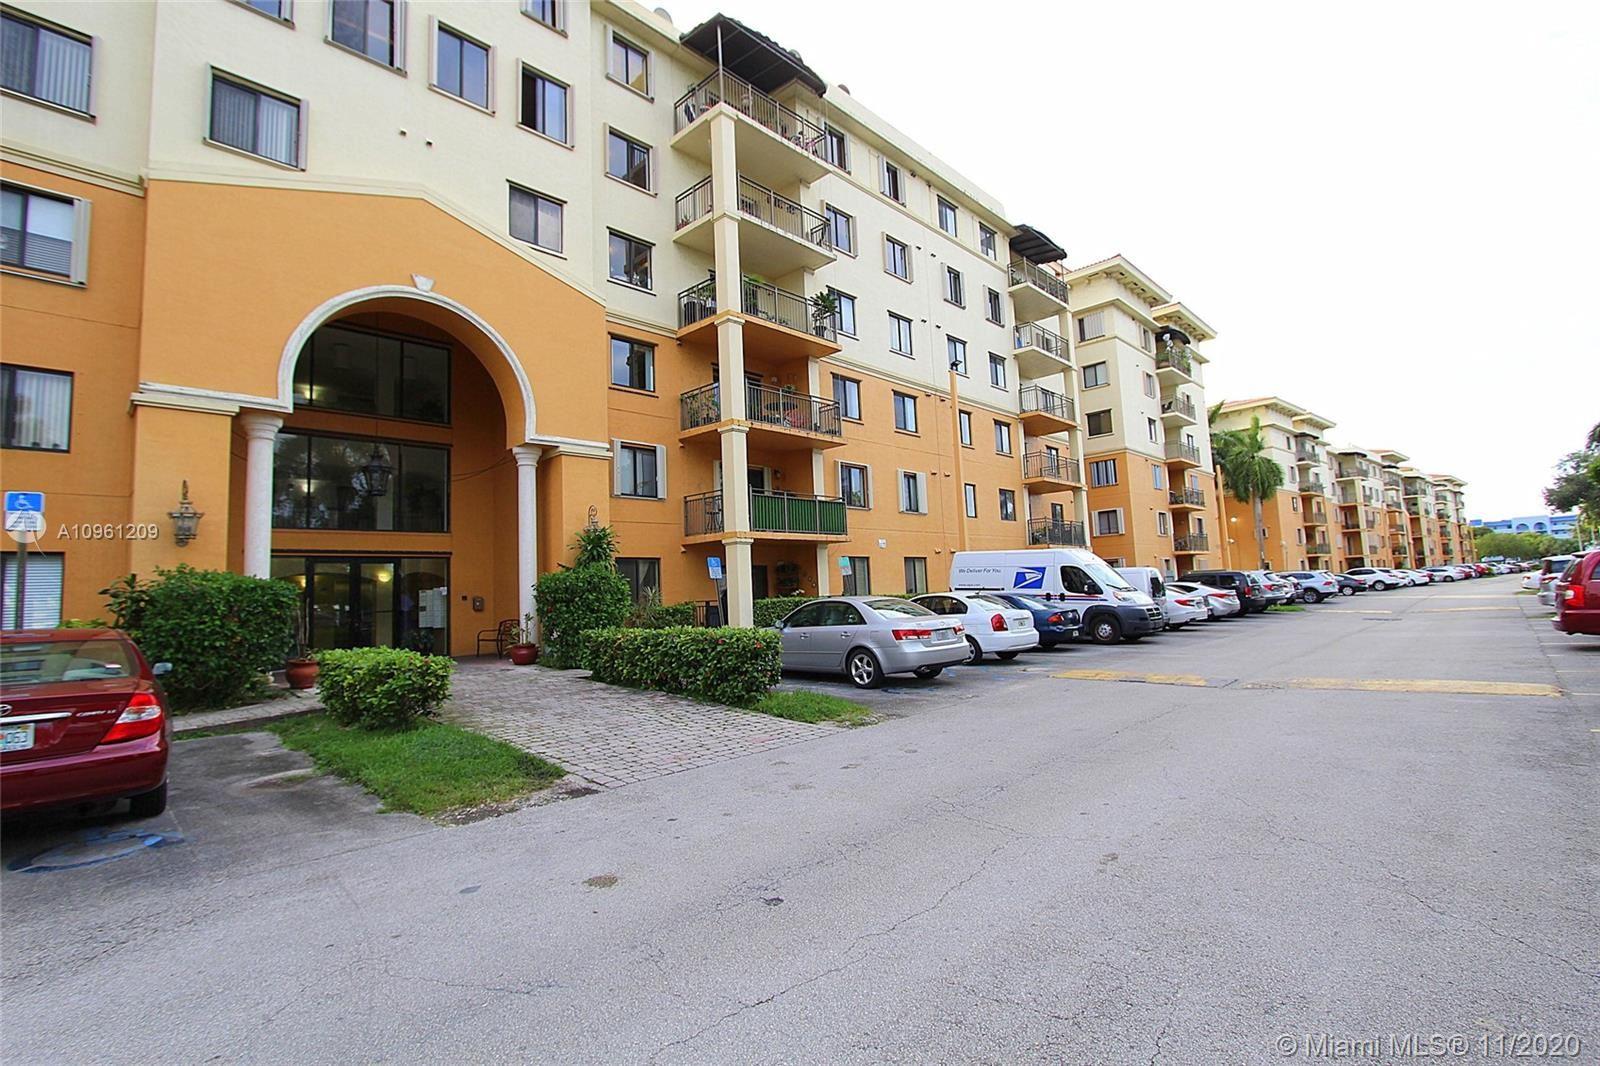 9300 Fontainebleau Blvd #E212, Miami, FL 33172 - #: A10961209